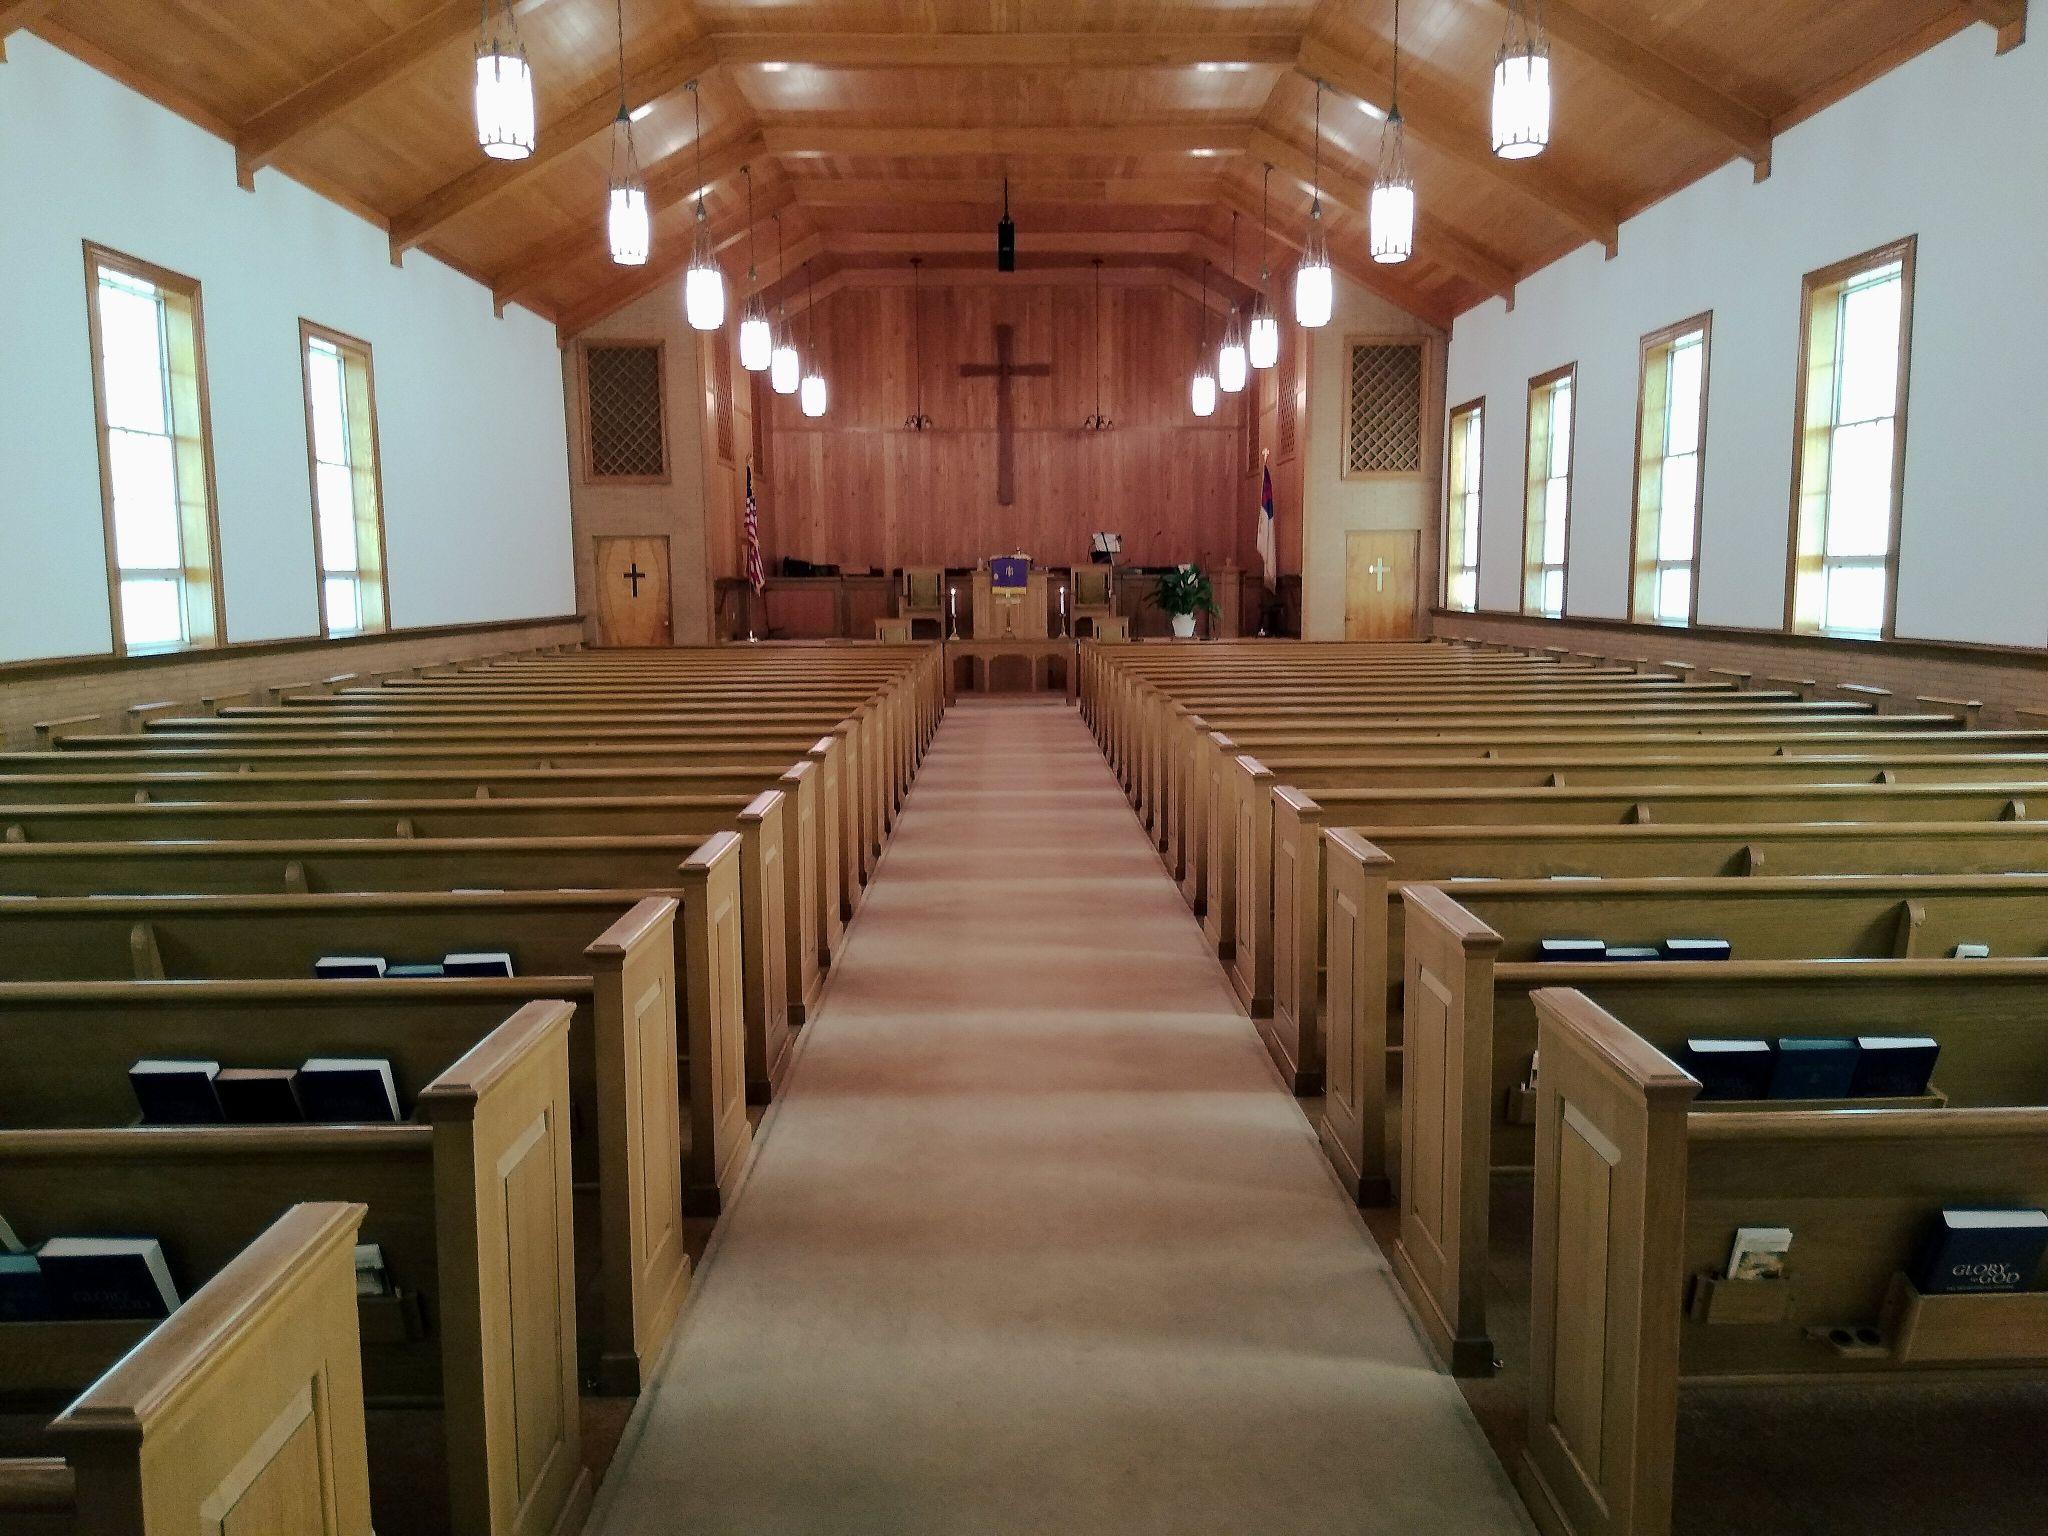 ULCPC Sanctuary Interior